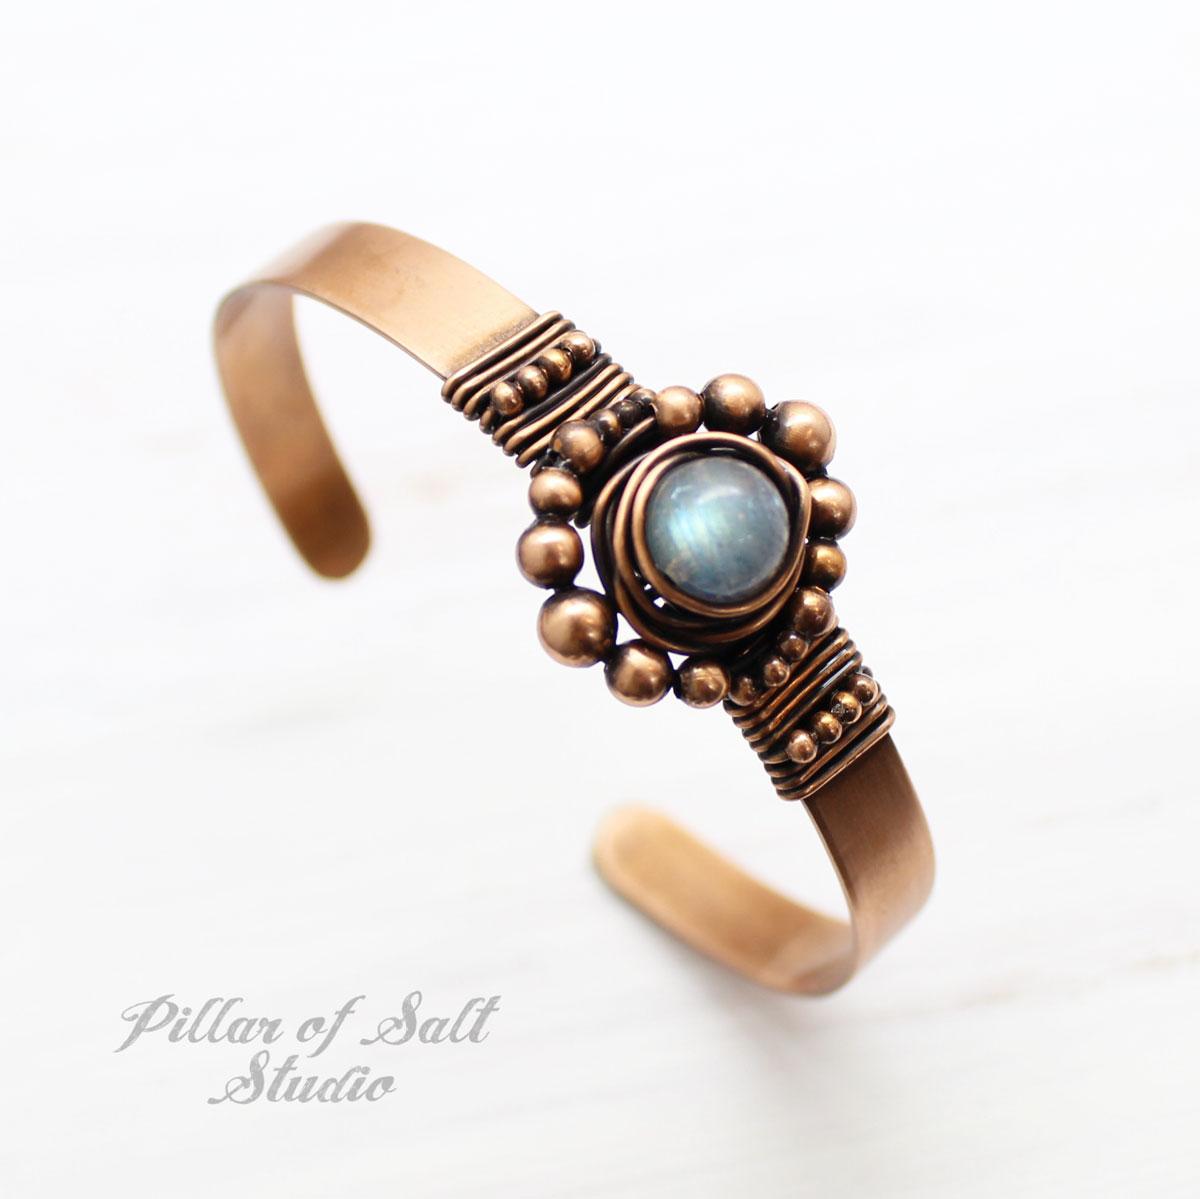 copper and labradorite cuff bracelet